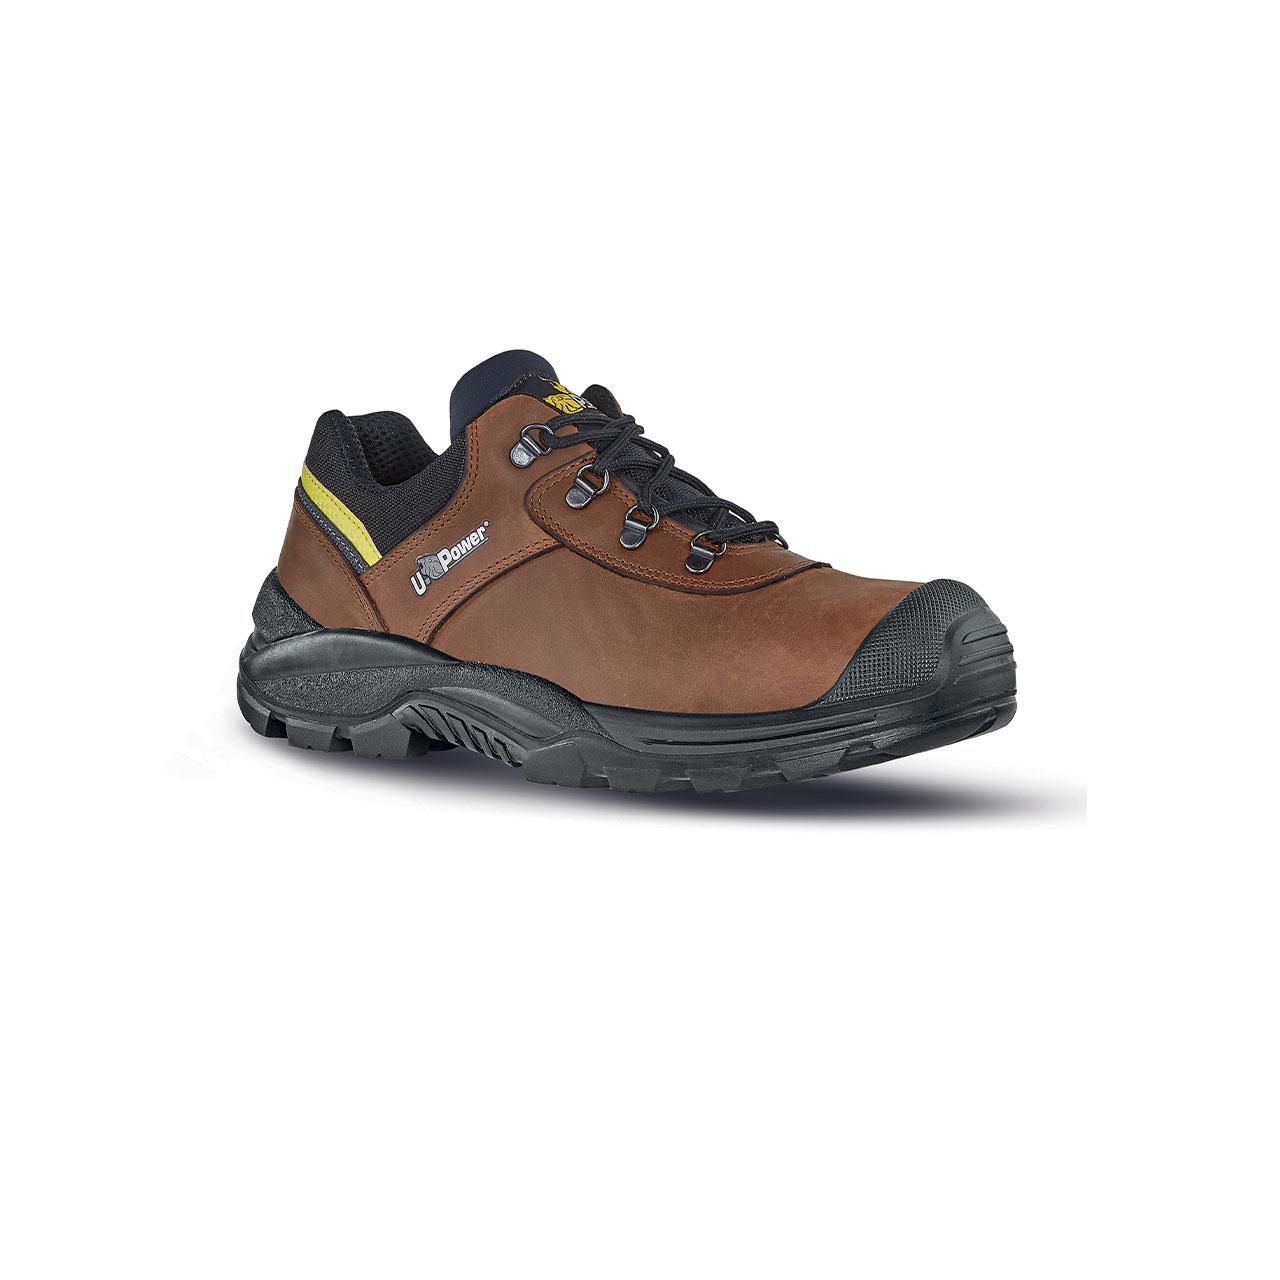 scarpa antinfortunistica upower modello meridiane linea stepone vista laterale